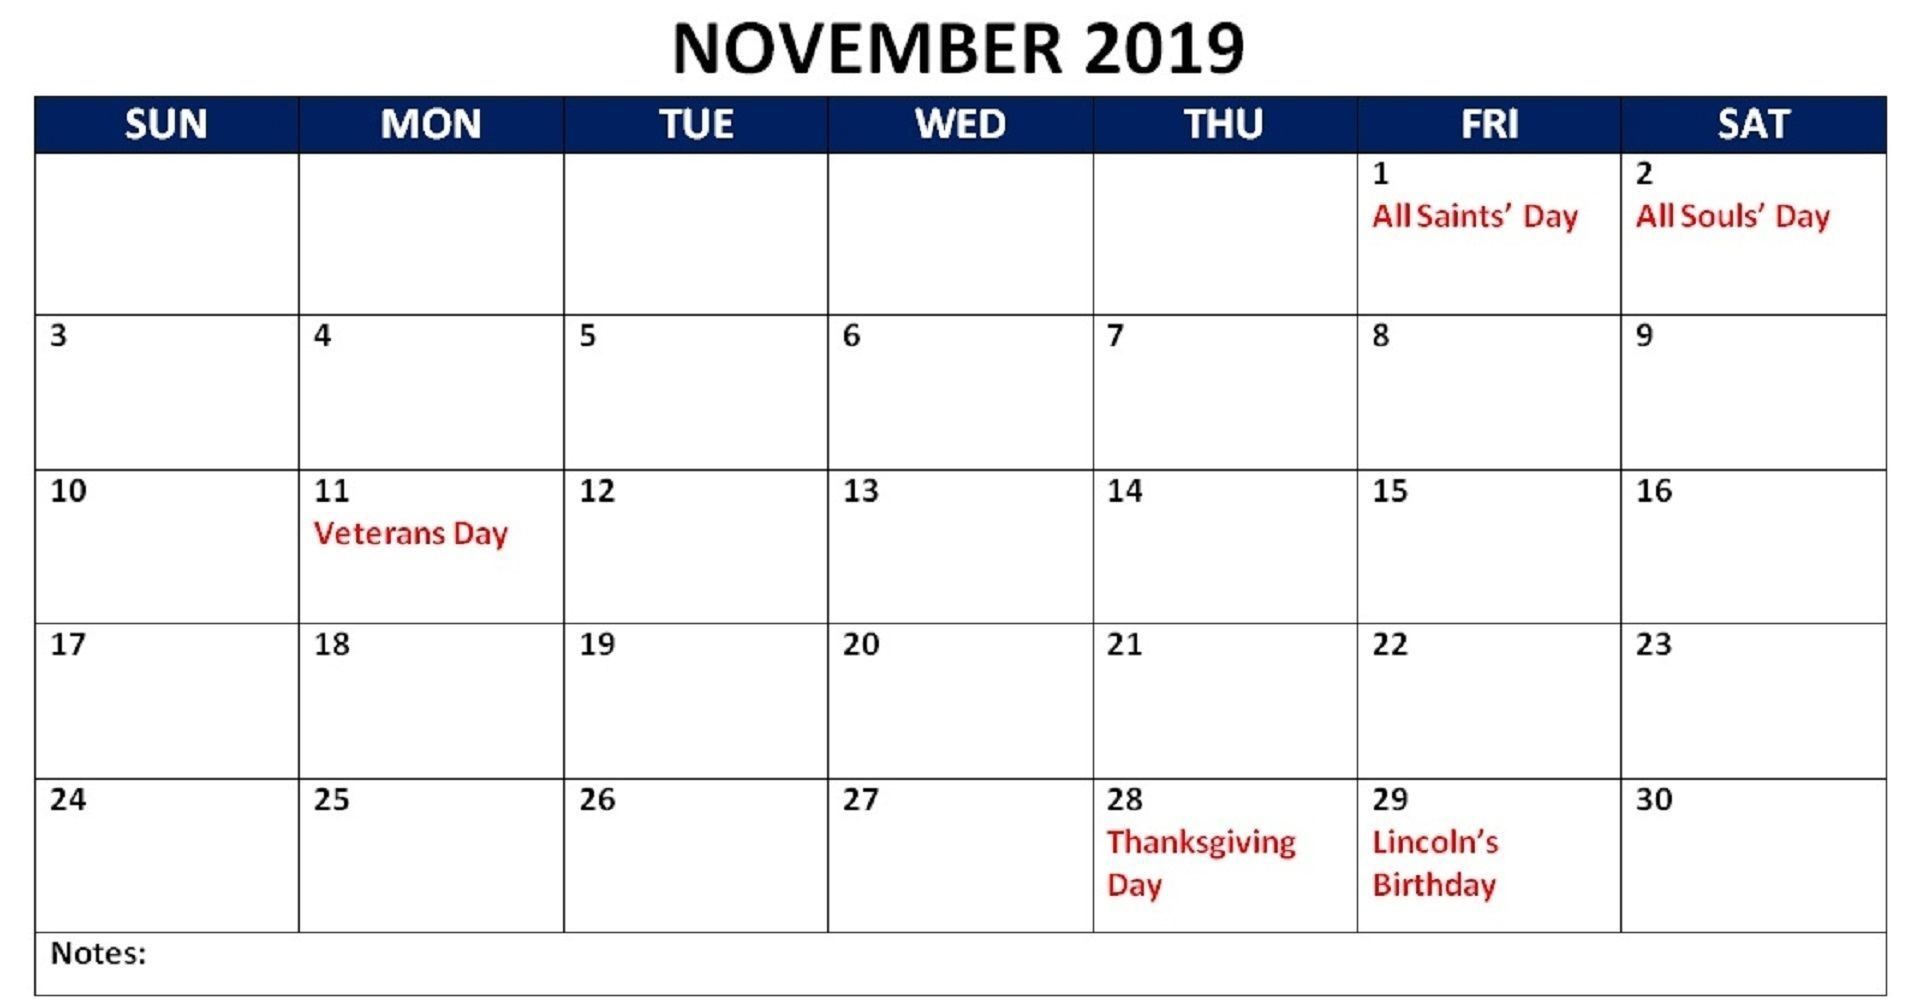 November 2019 Kalender mit Feiertagen